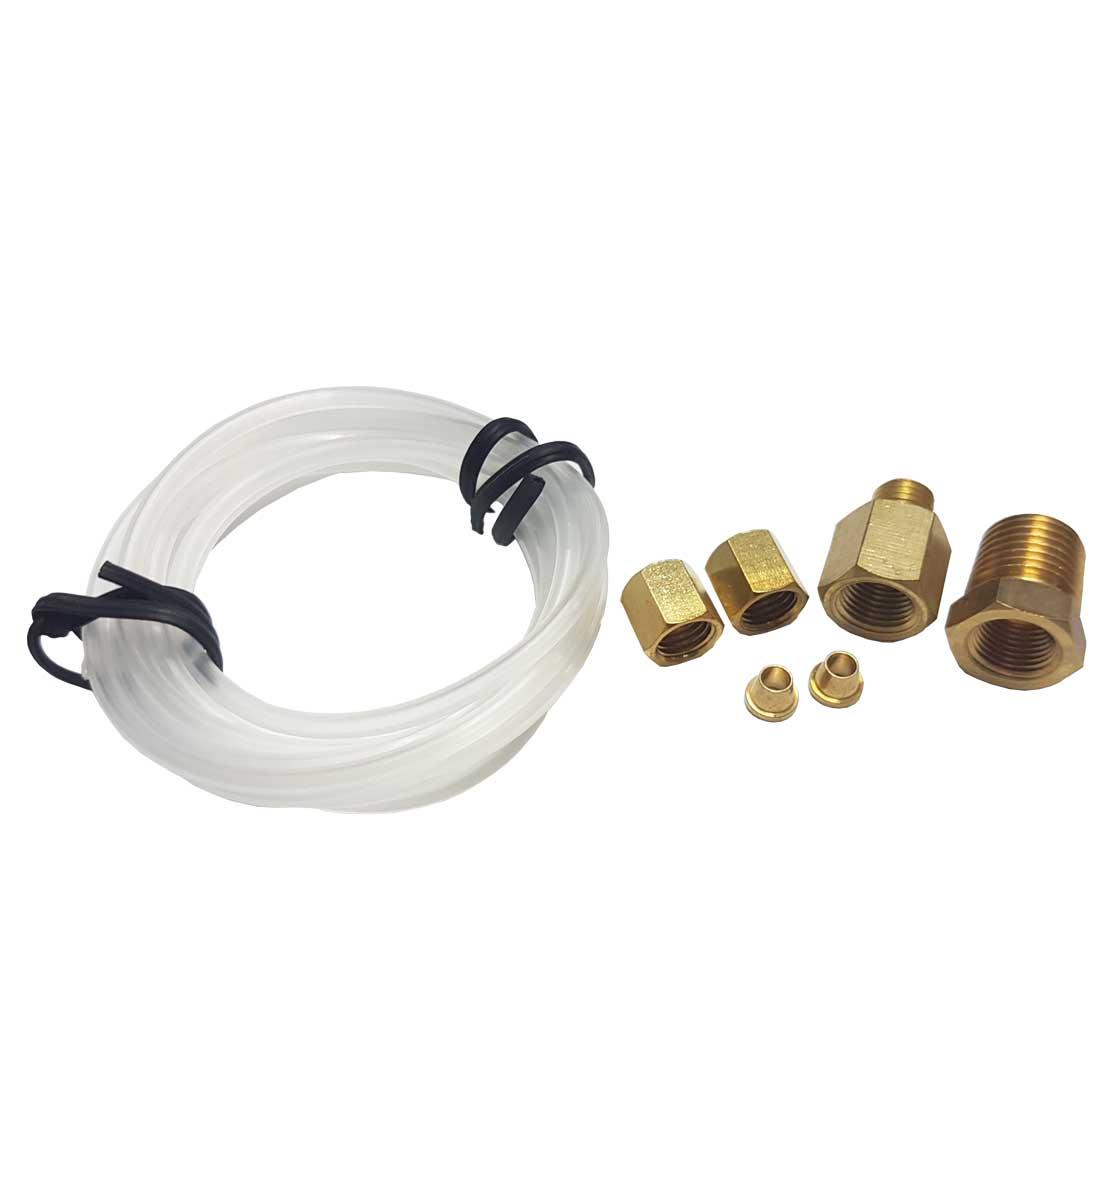 Spares Kits for Mechanical Liquid Filled Gauges